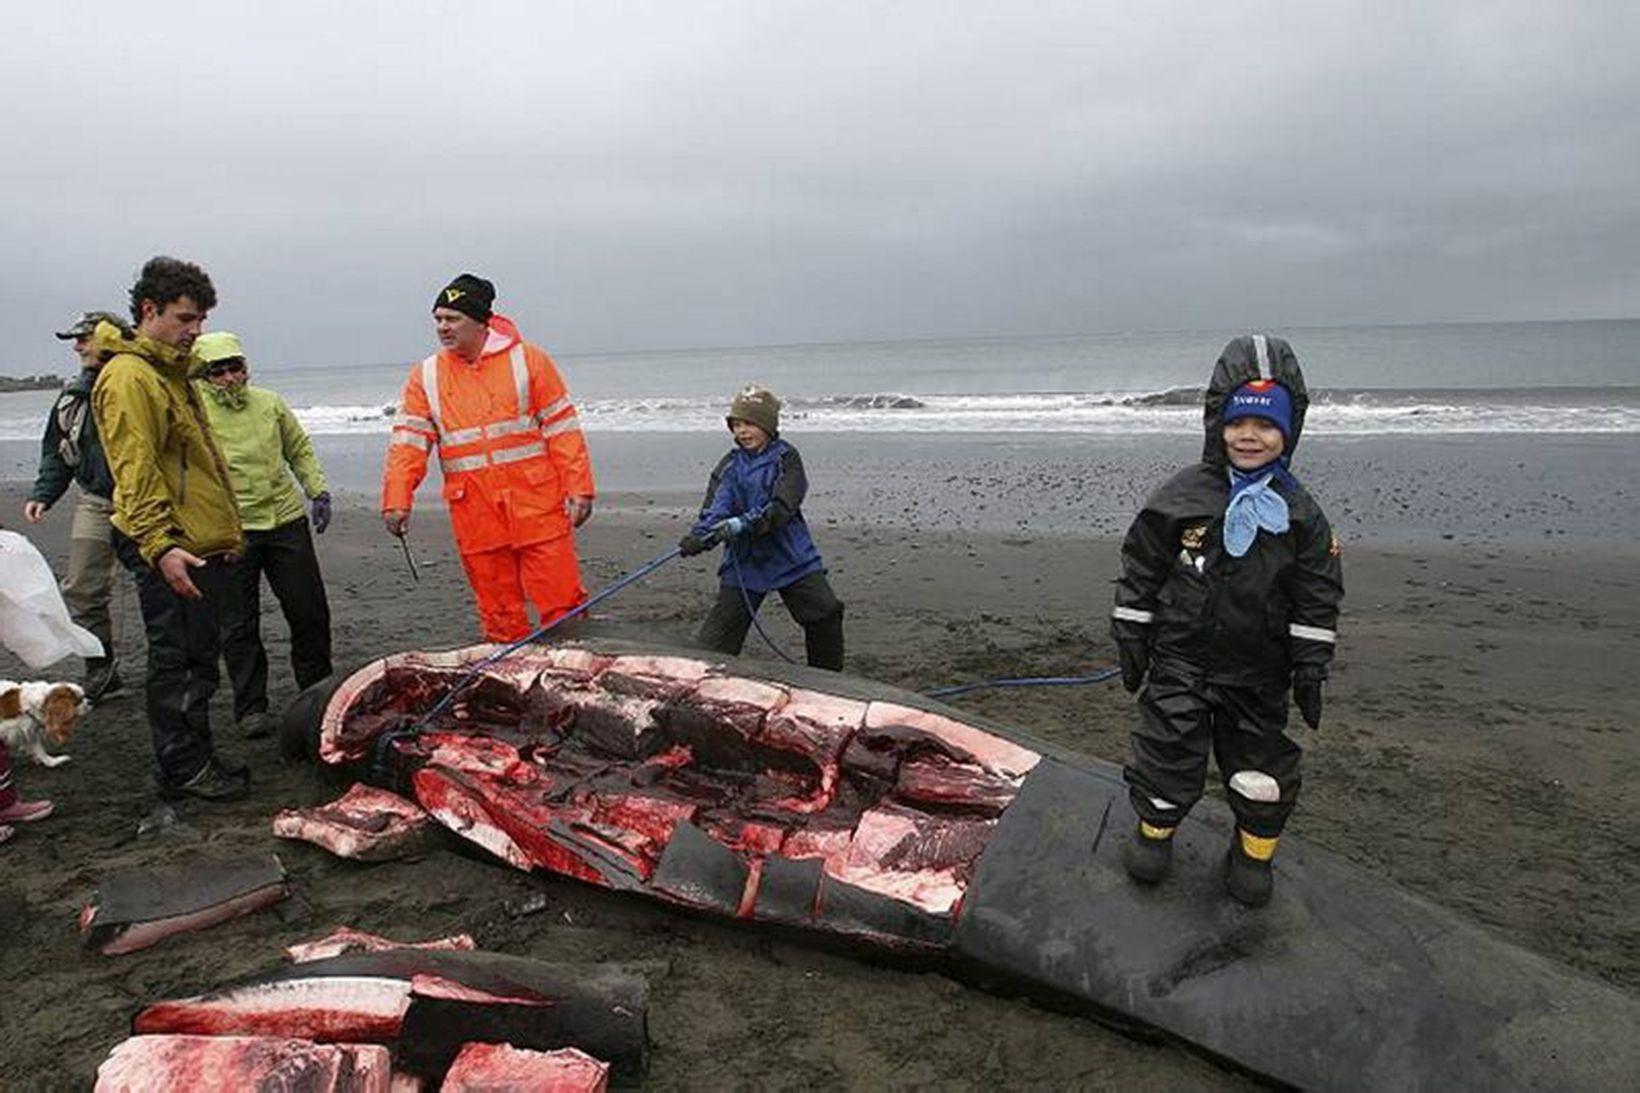 Grindhvalir skornir á Snæfellsnesi um helgina.